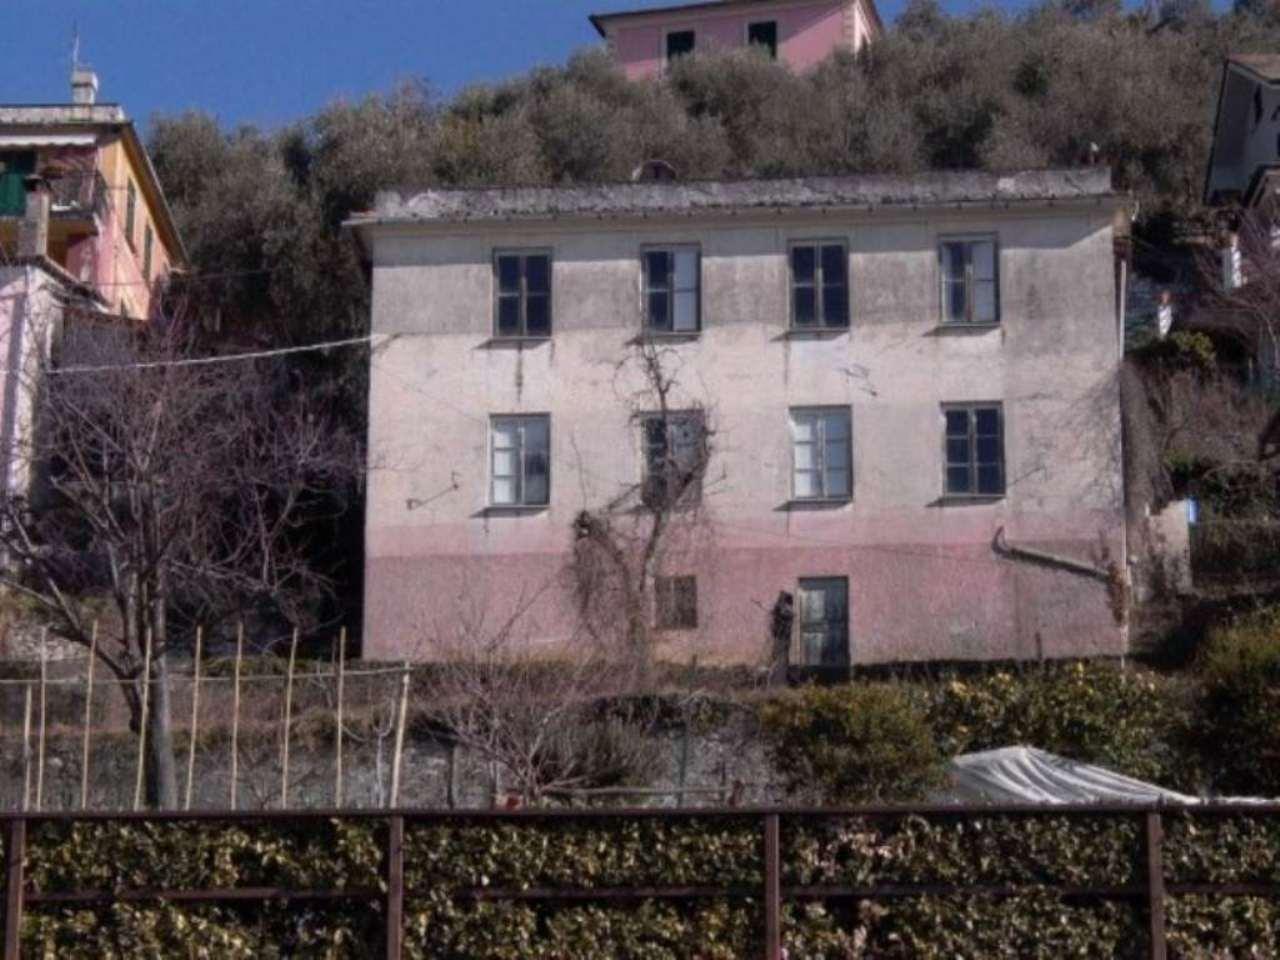 Rustico / Casale in vendita a Chiavari, 6 locali, prezzo € 550.000 | Cambio Casa.it